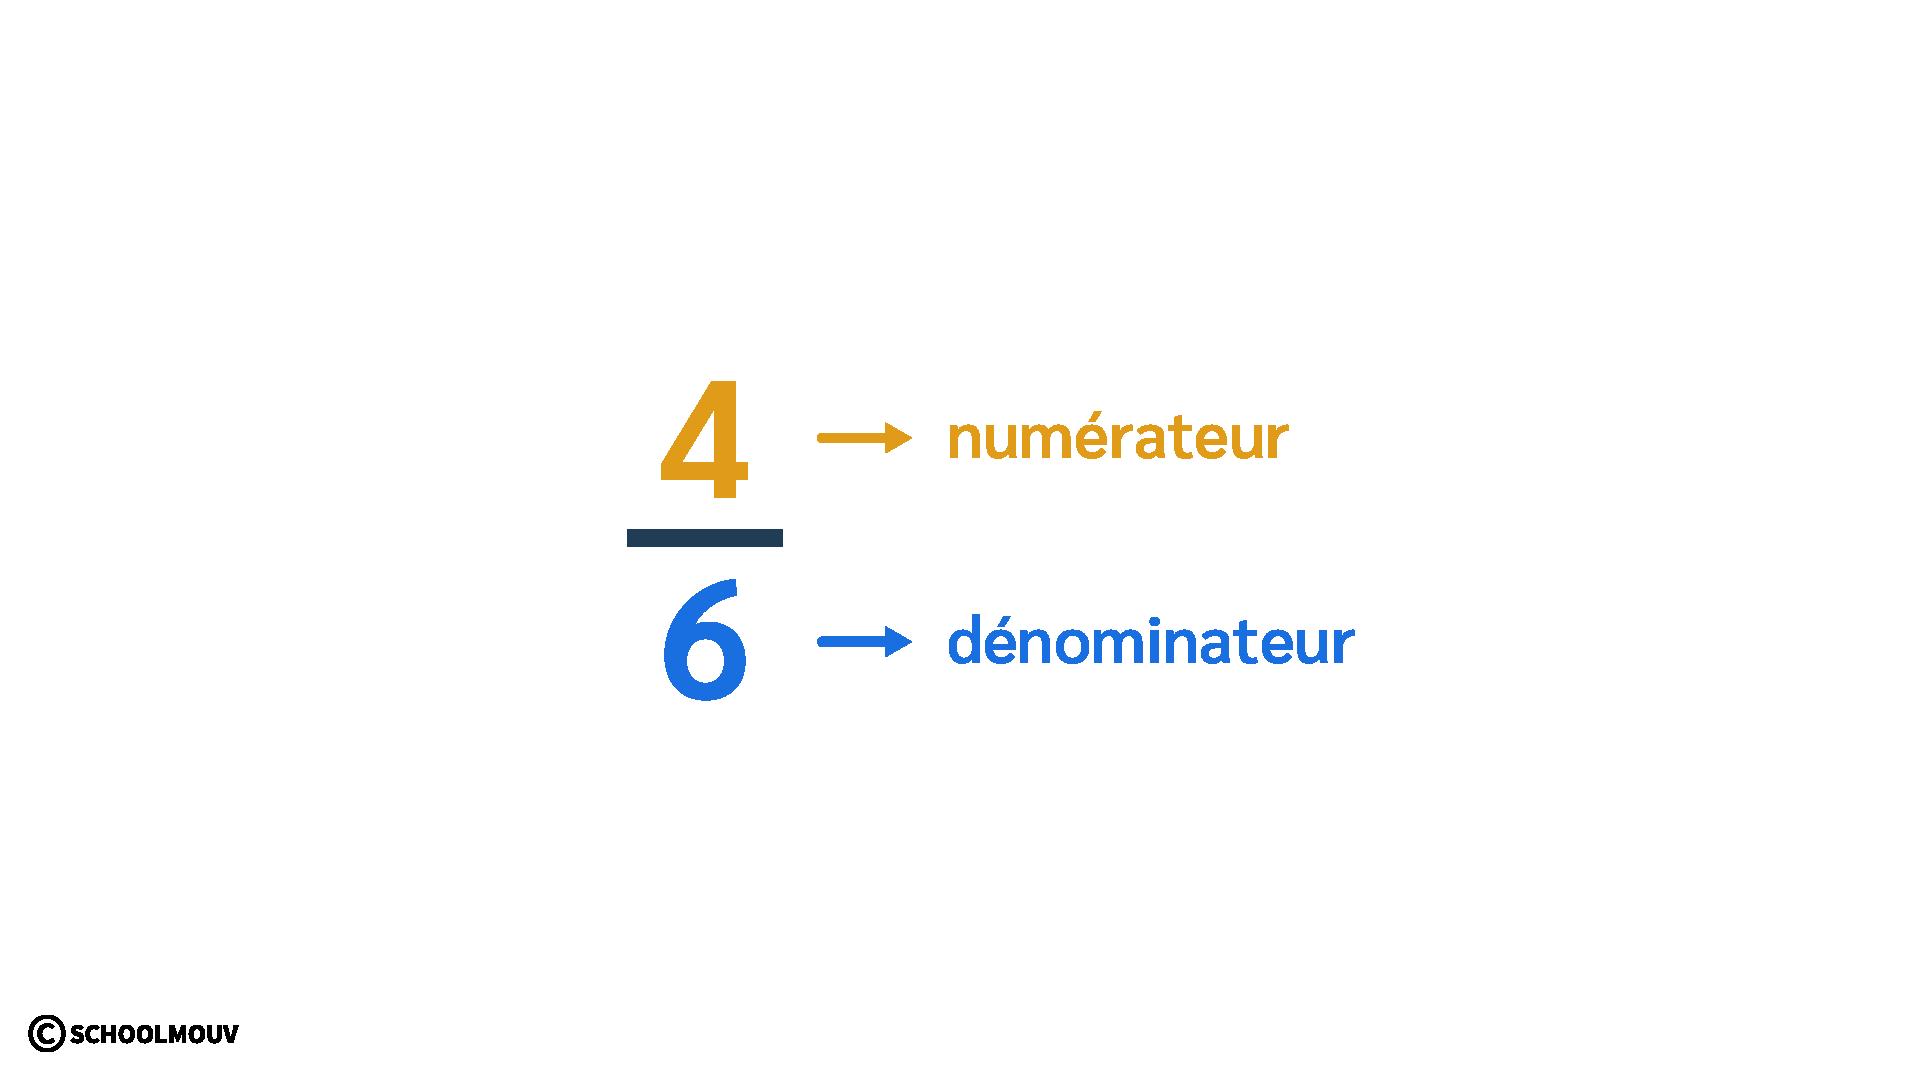 primaire mathématiques cm2 utiliser représenter fractions simples numérateur dénominateur